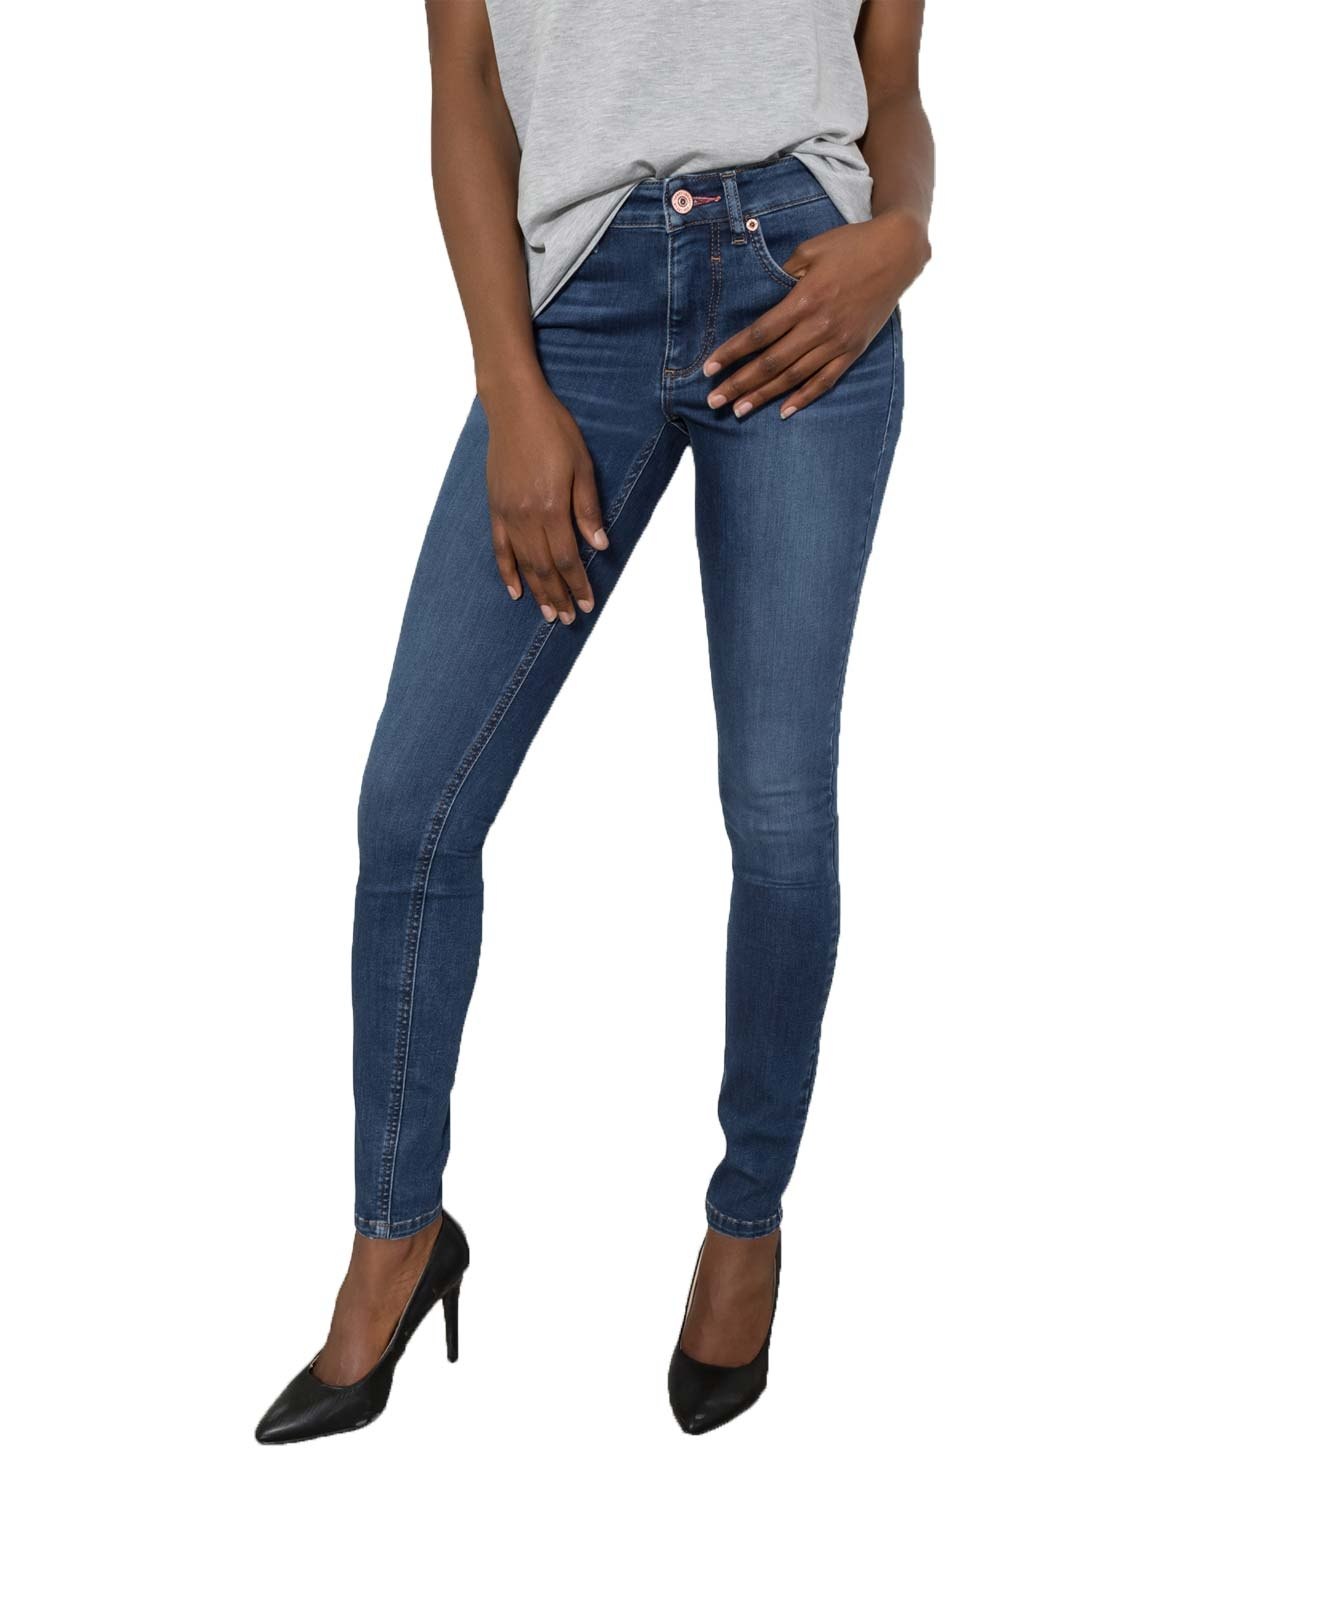 Hosen für Frauen - HIS LORRAINE Super Skinny Jeans Medium Blue Wash  - Onlineshop Jeans Meile